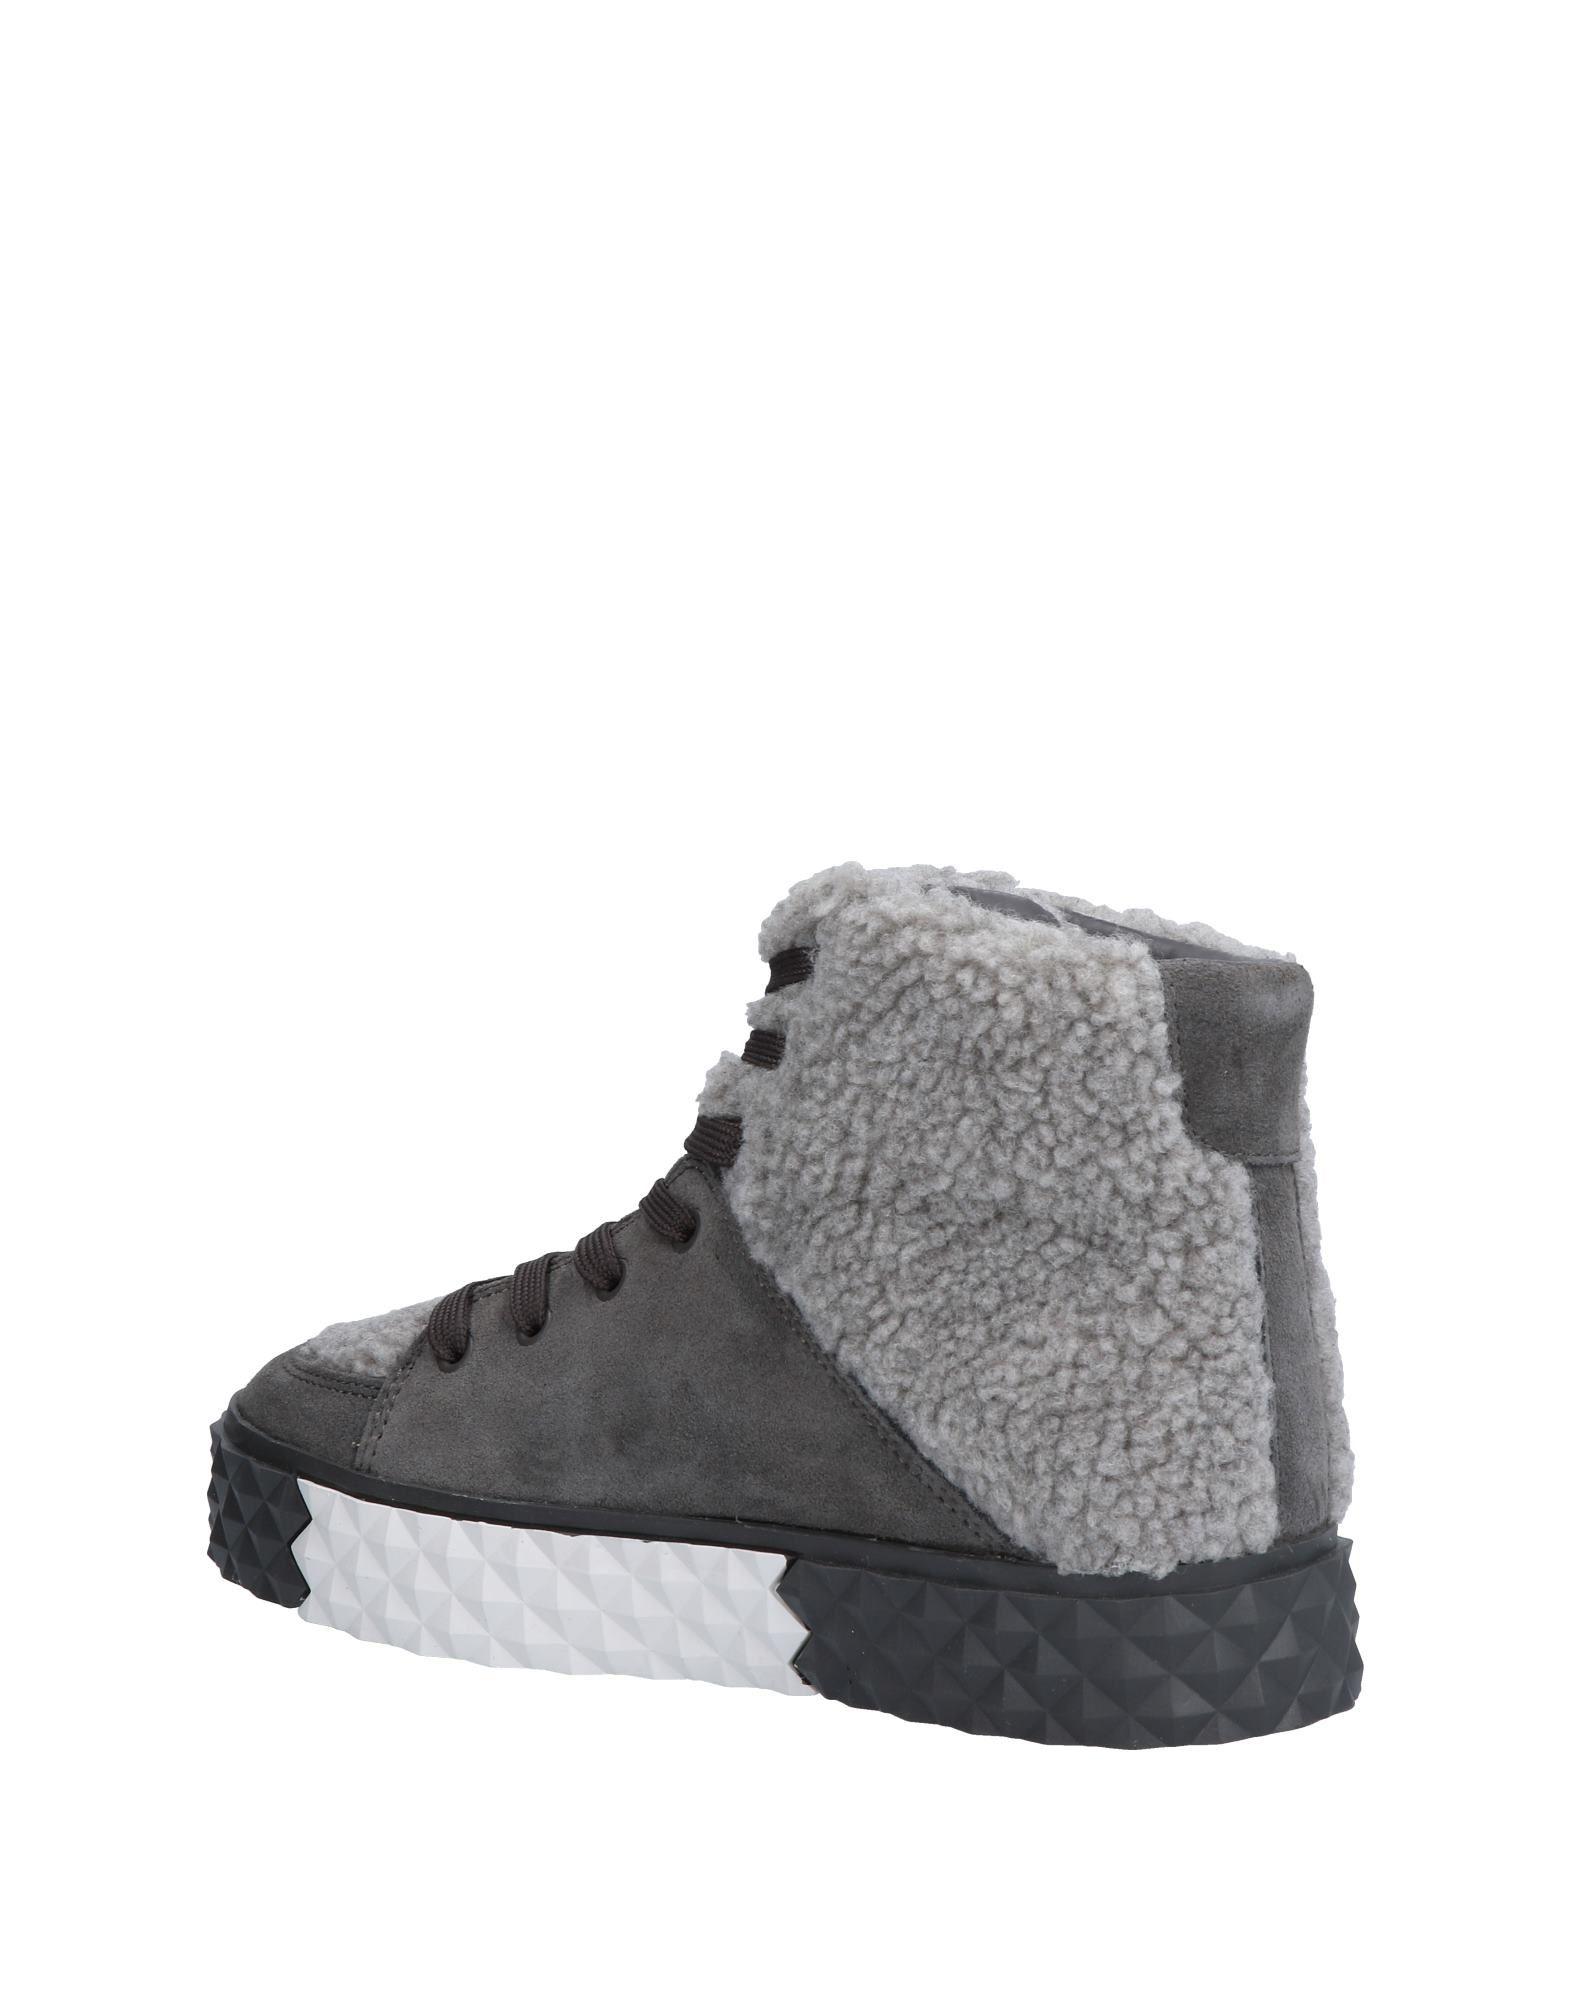 Kendall + 11447989EH Kylie Sneakers Damen  11447989EH + Gute Qualität beliebte Schuhe cb1e9f